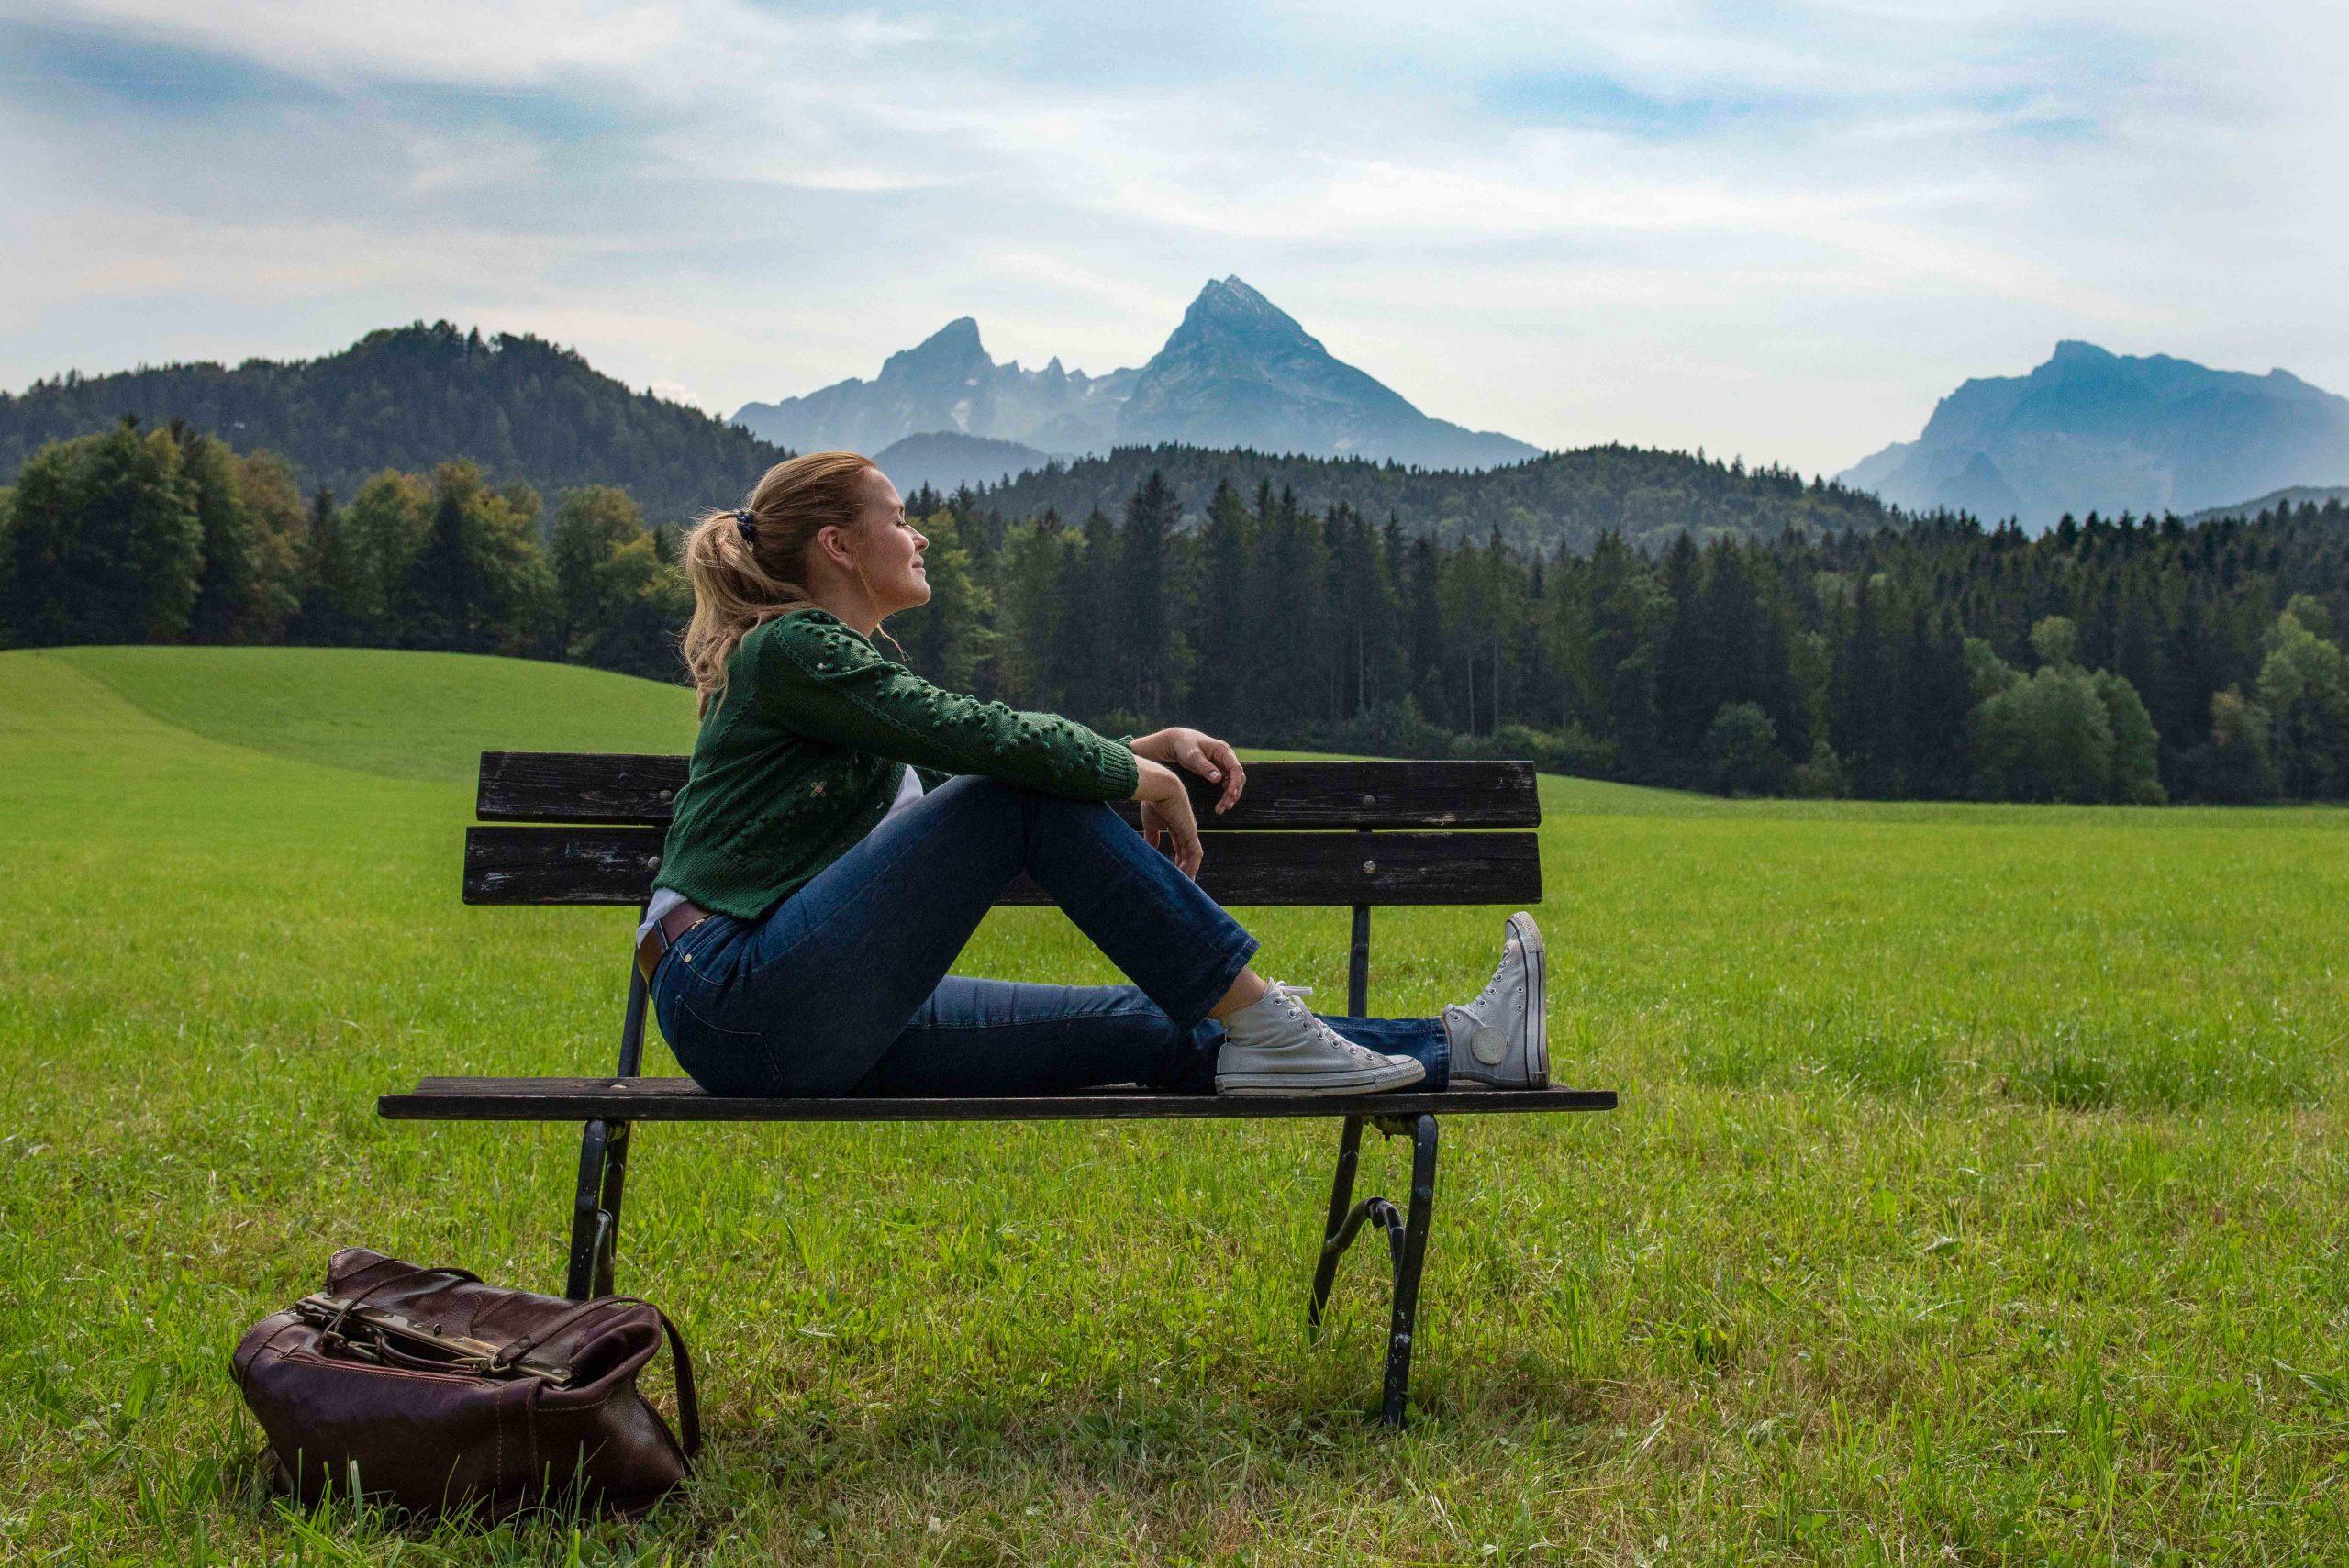 Drehmomente: Lena Lorenz vier neue Filme